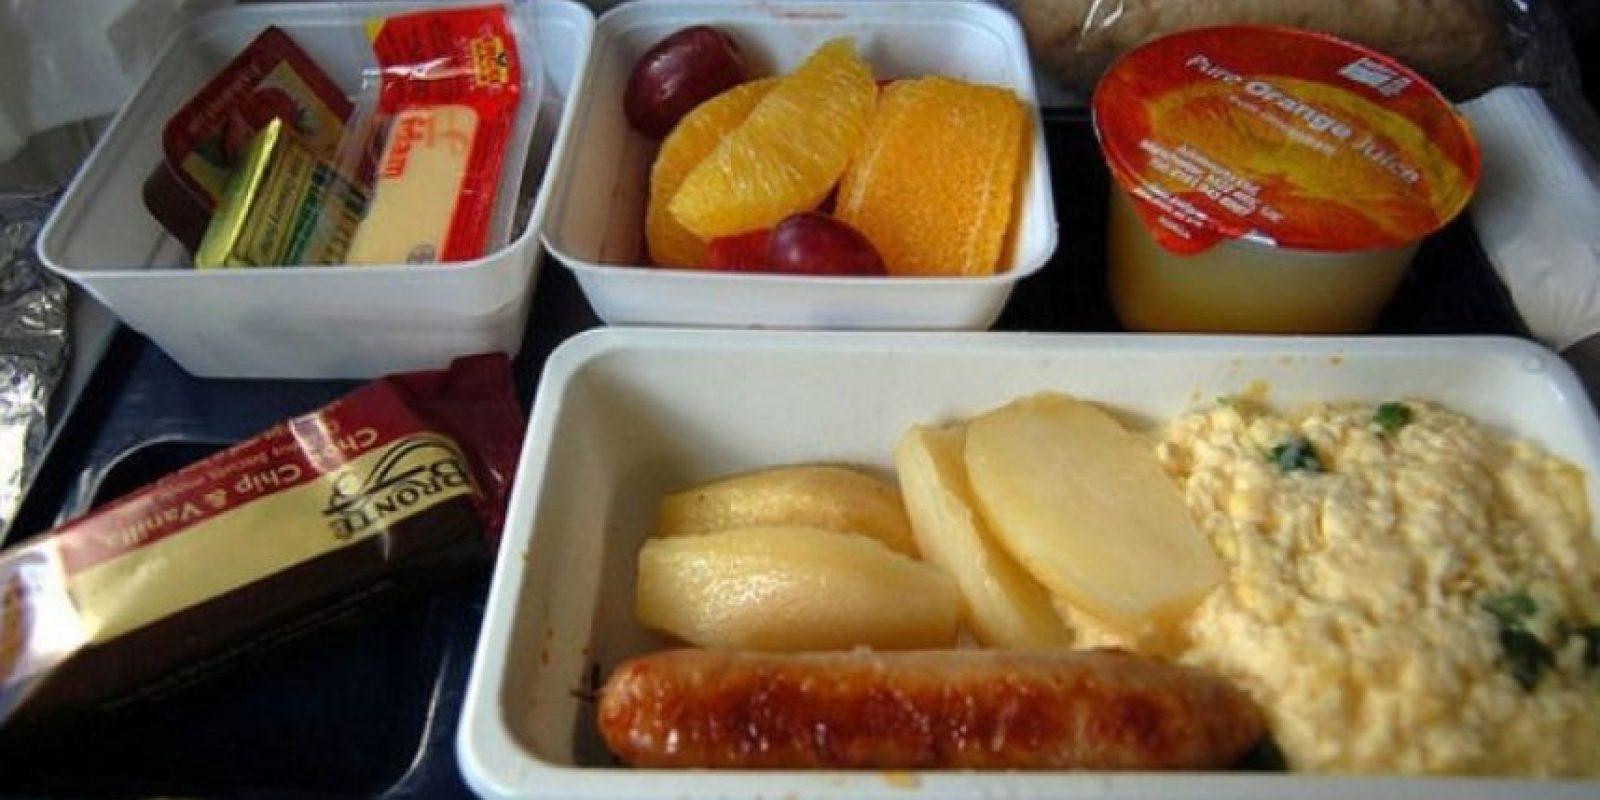 9. Desayuno con huevos revueltos, papas, salchichas, fruta, queso y jugo de naranja. Foto:Vía Flickr: su-lin /Creative Commons